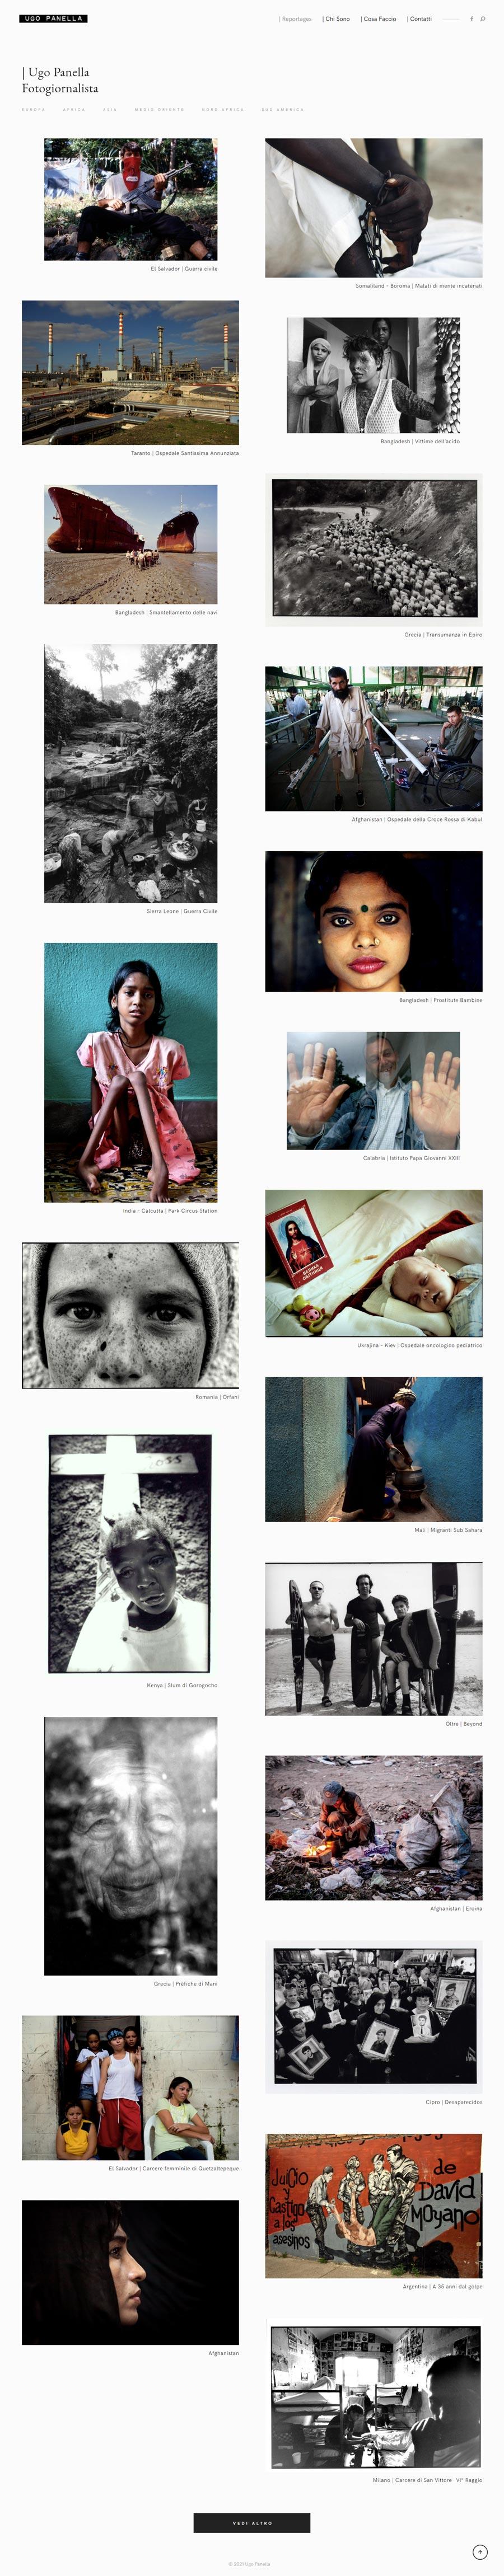 creazione sito web ugo panella fotoreporter